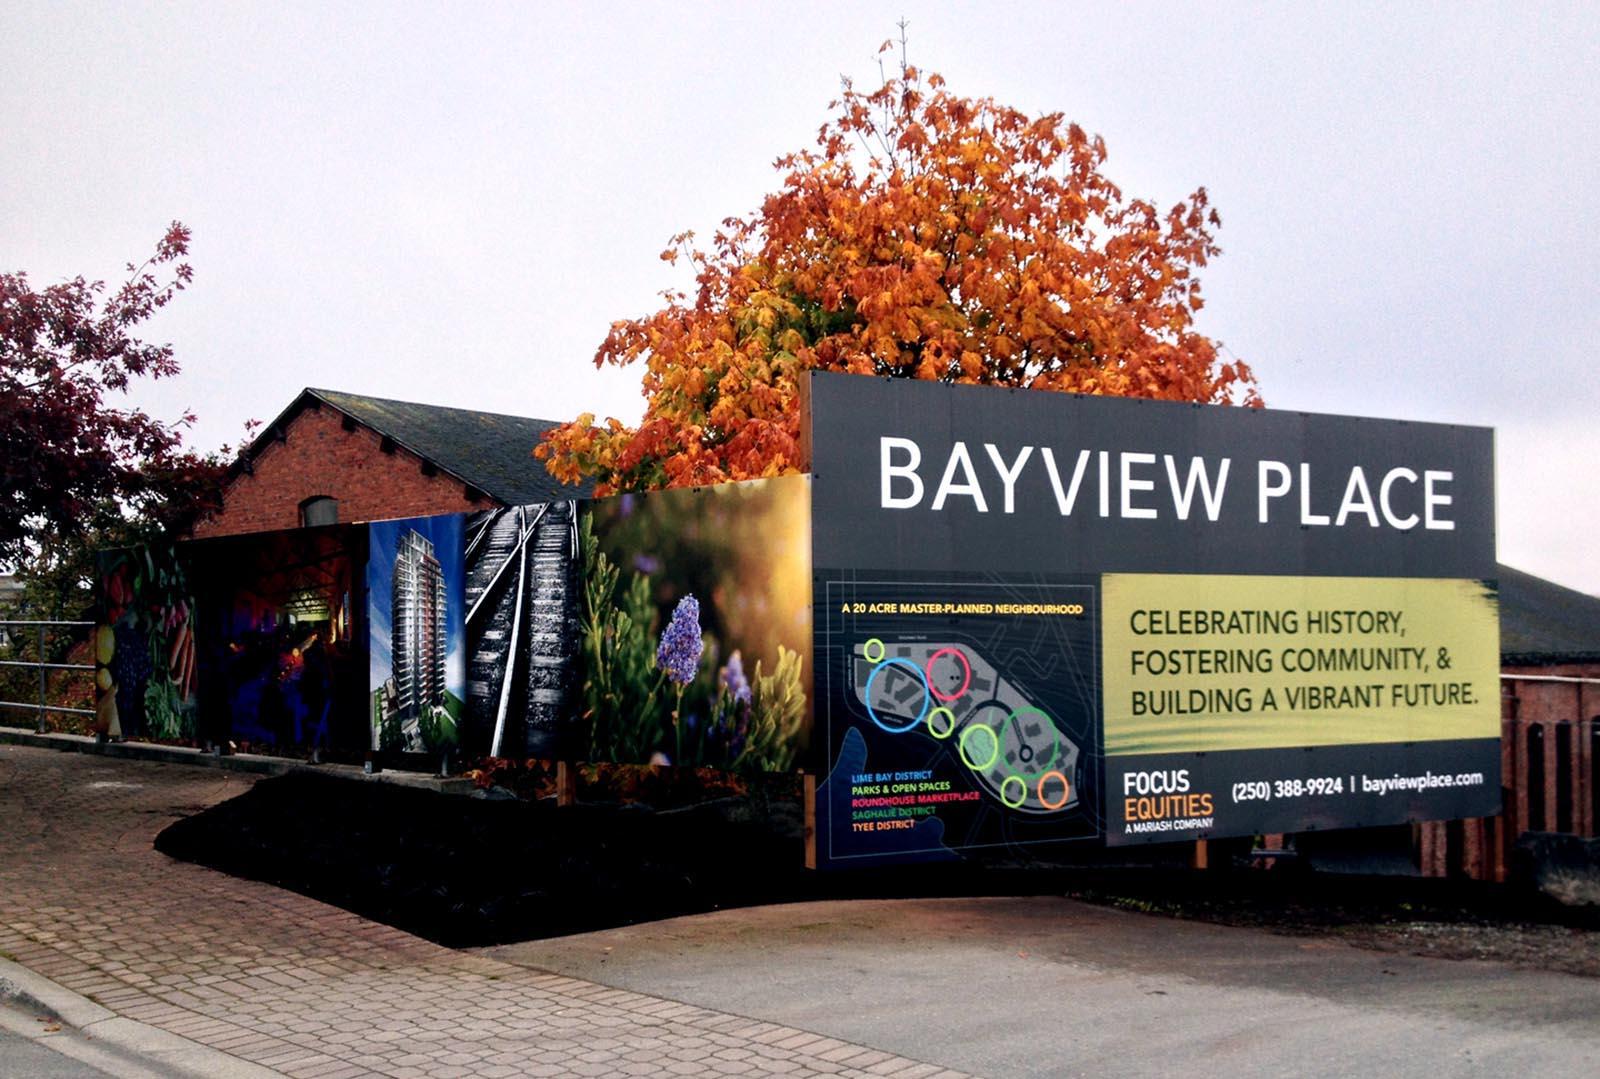 BayviewPlace-development_sign6